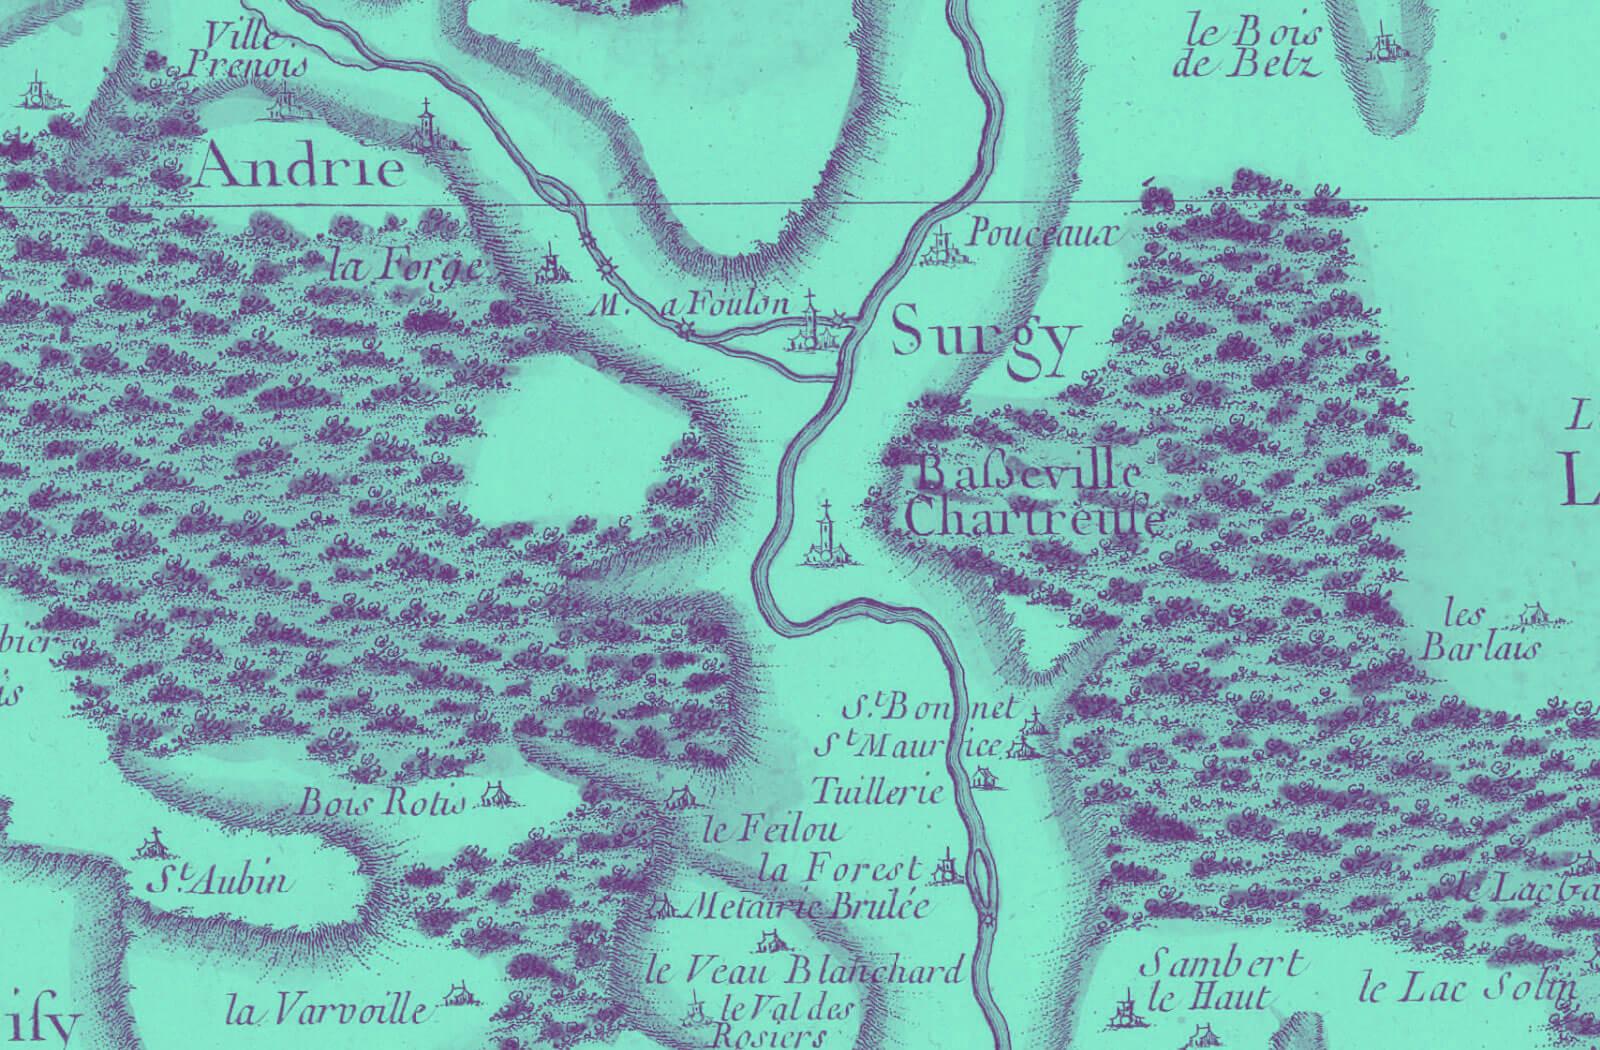 Gros plan sur la carte de Cassini de 1759: les villages de Pousseaux et Surgy.